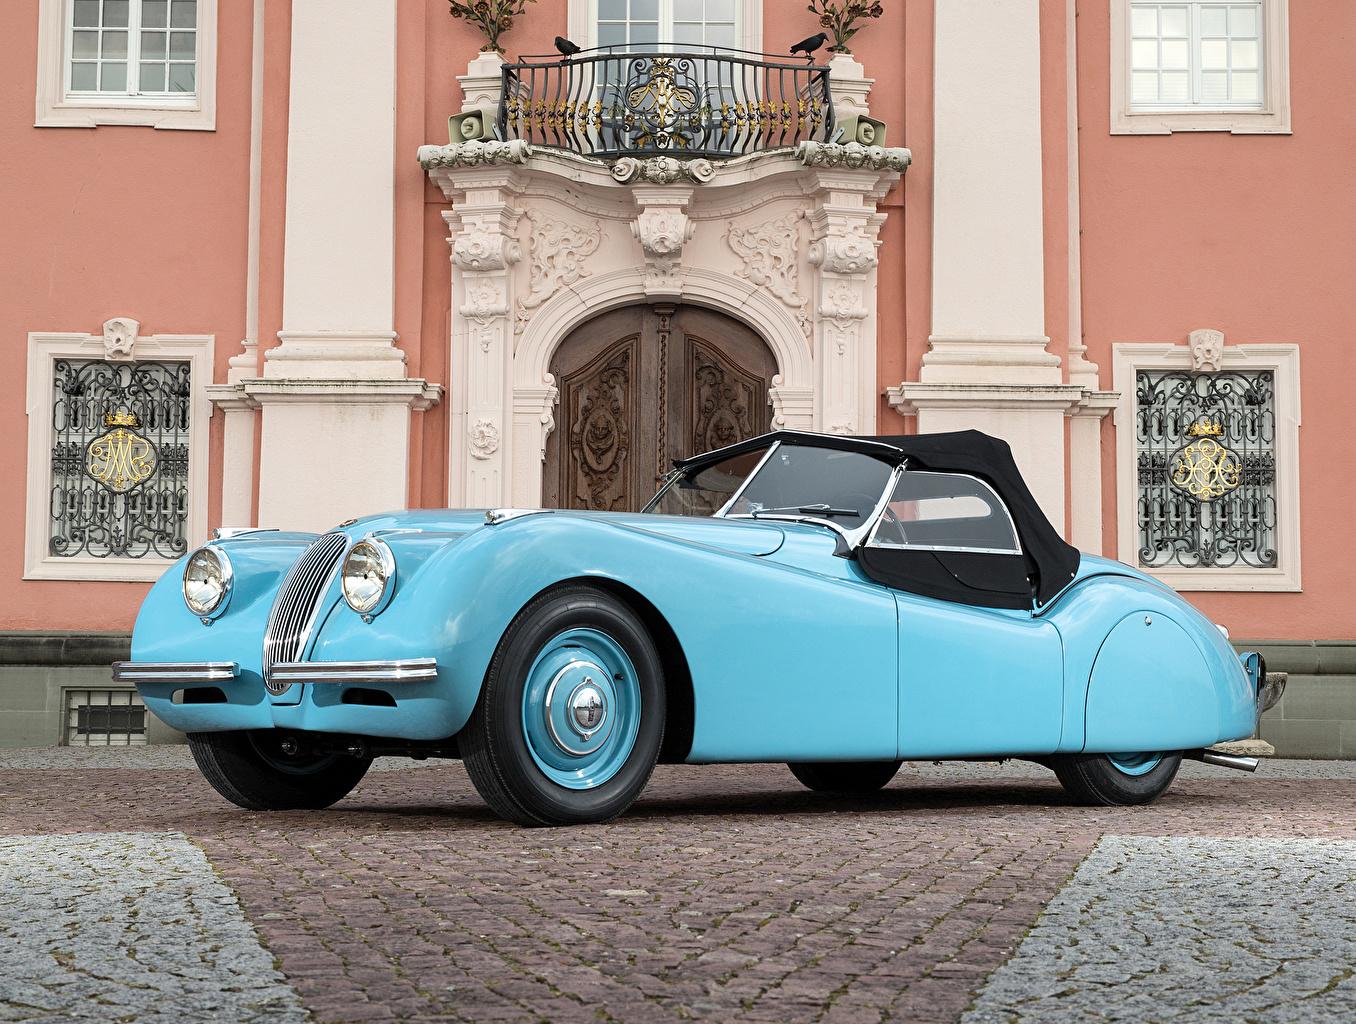 Фотография Jaguar 1948-50 XK120 Alloy Roadster Родстер Ретро голубые Машины Металлик Ягуар Винтаж голубых Голубой голубая старинные Авто Автомобили